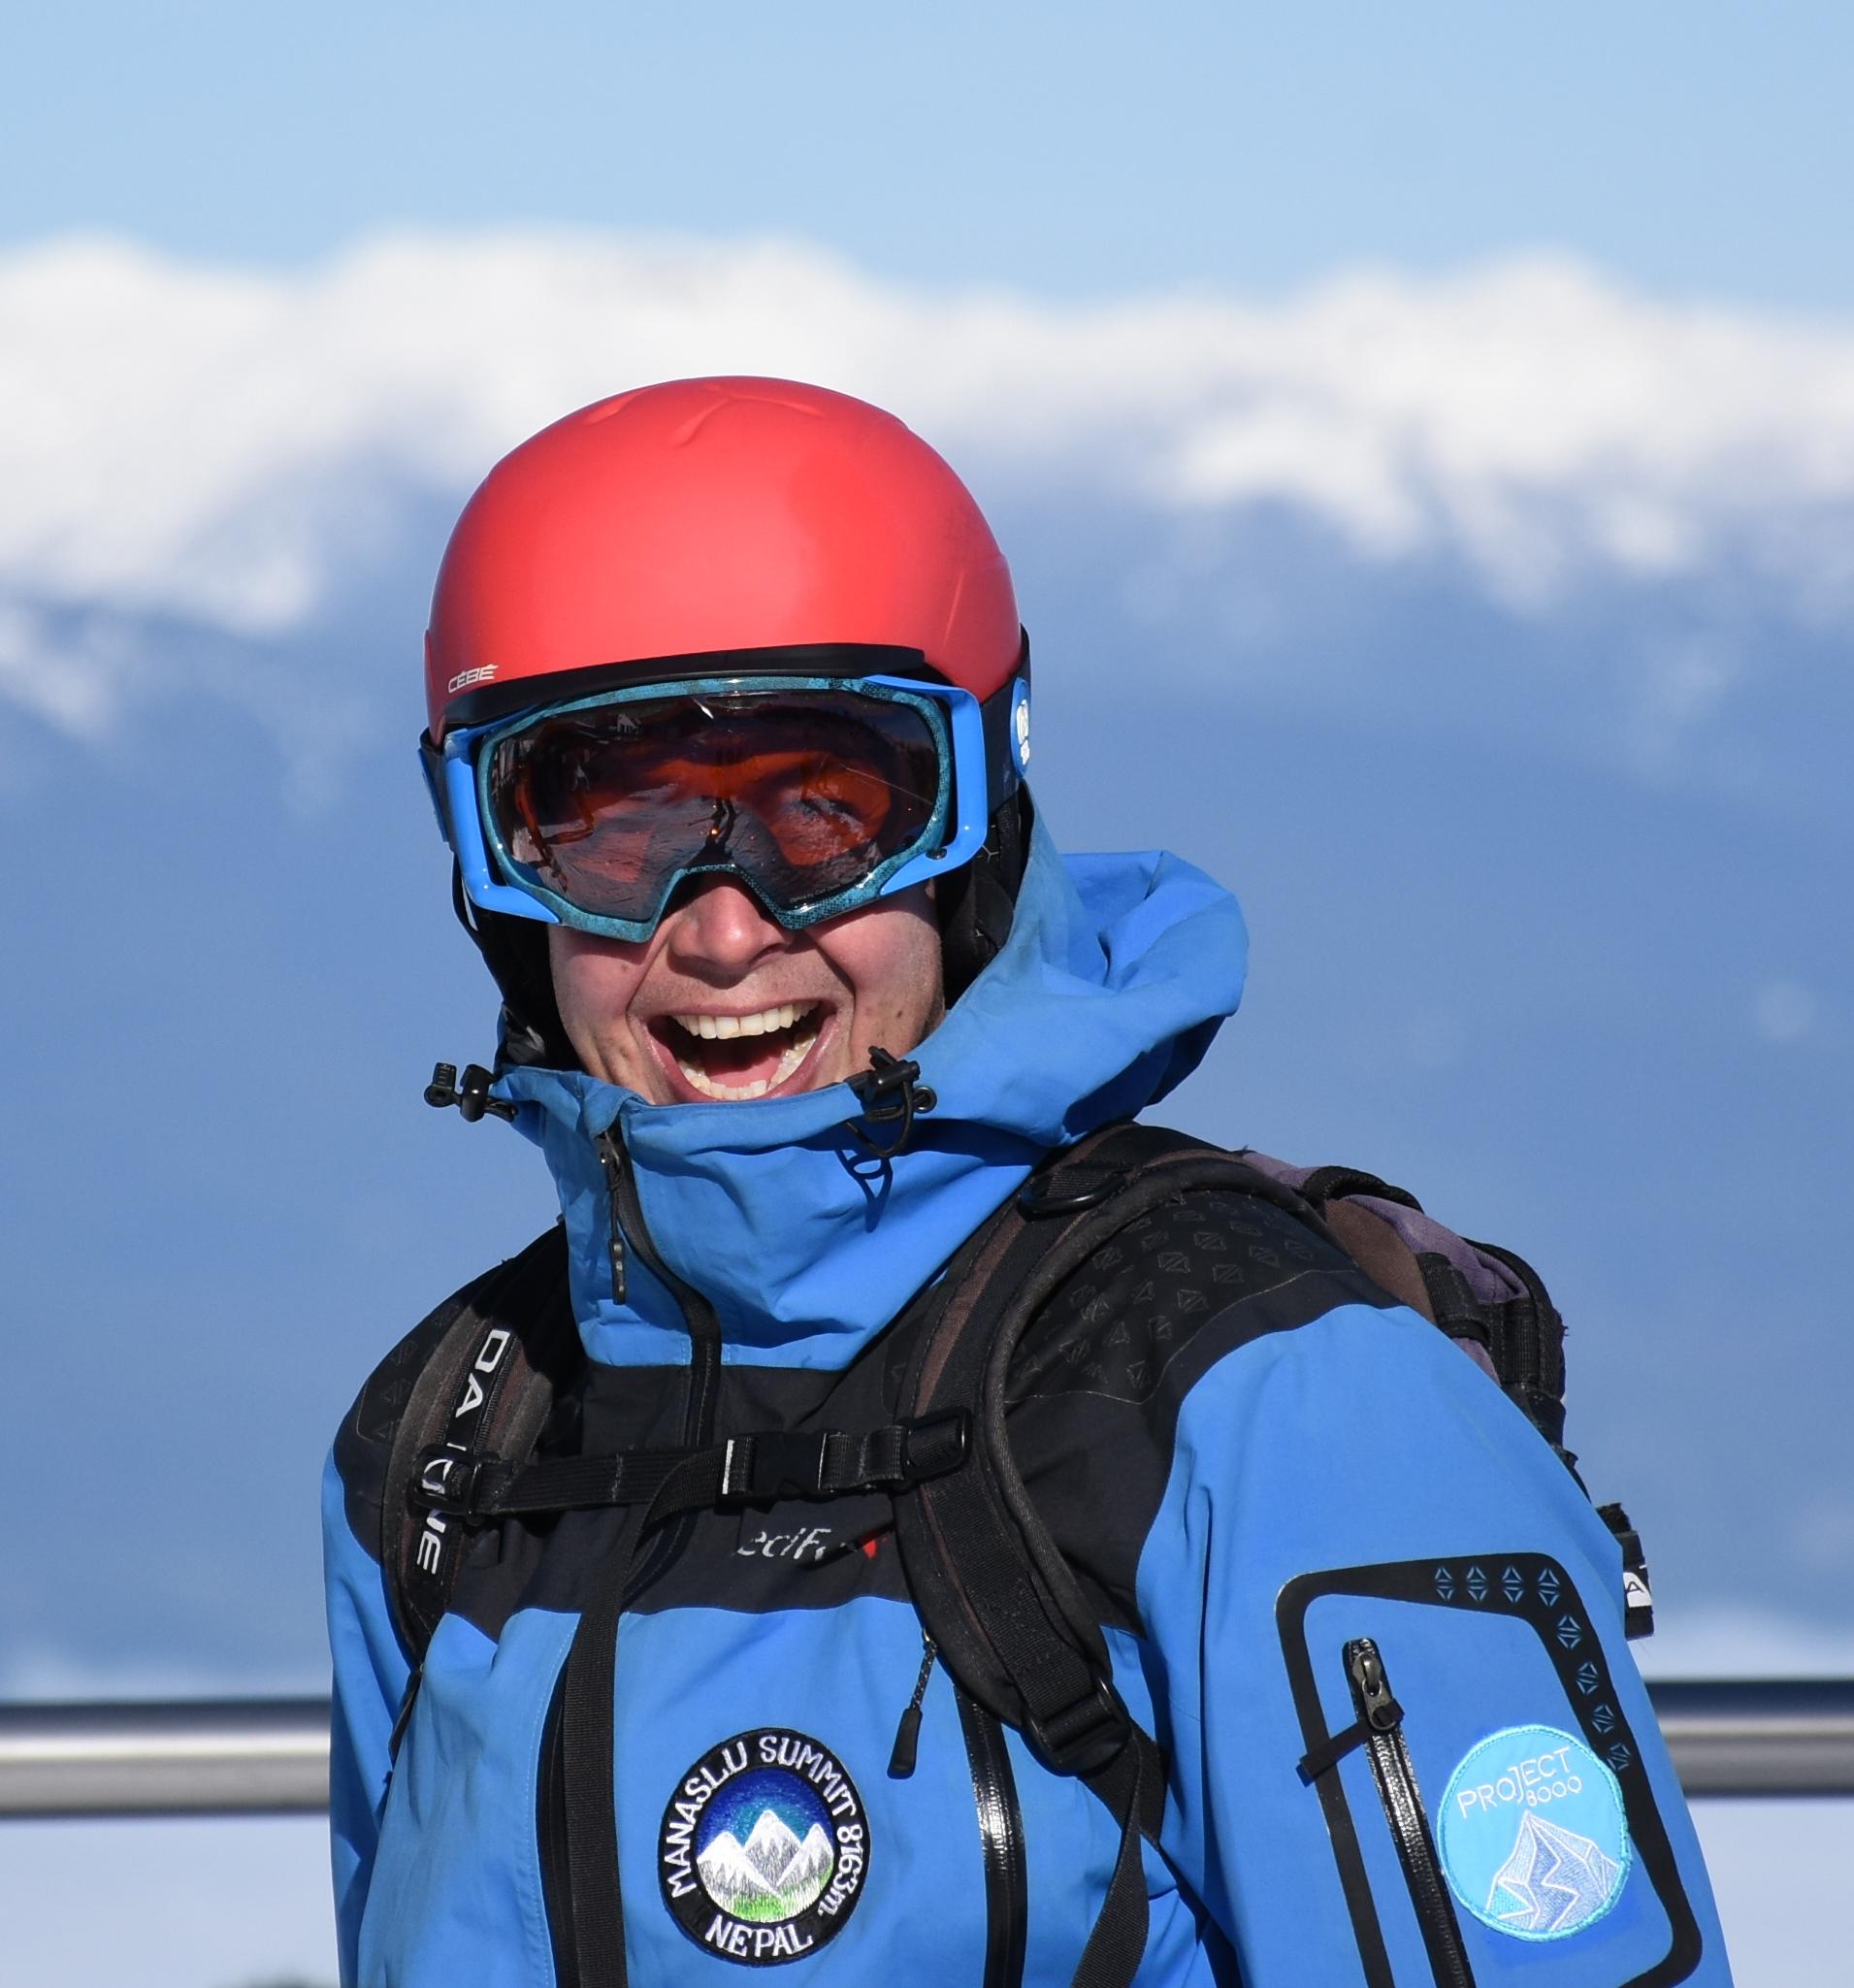 <p>Предни години сноубордистът успява да се изкачи и спусне от връх Ленин 7134 м, от връх Дамаванд 5671 м и от връх Монблан 4810 м.</p>